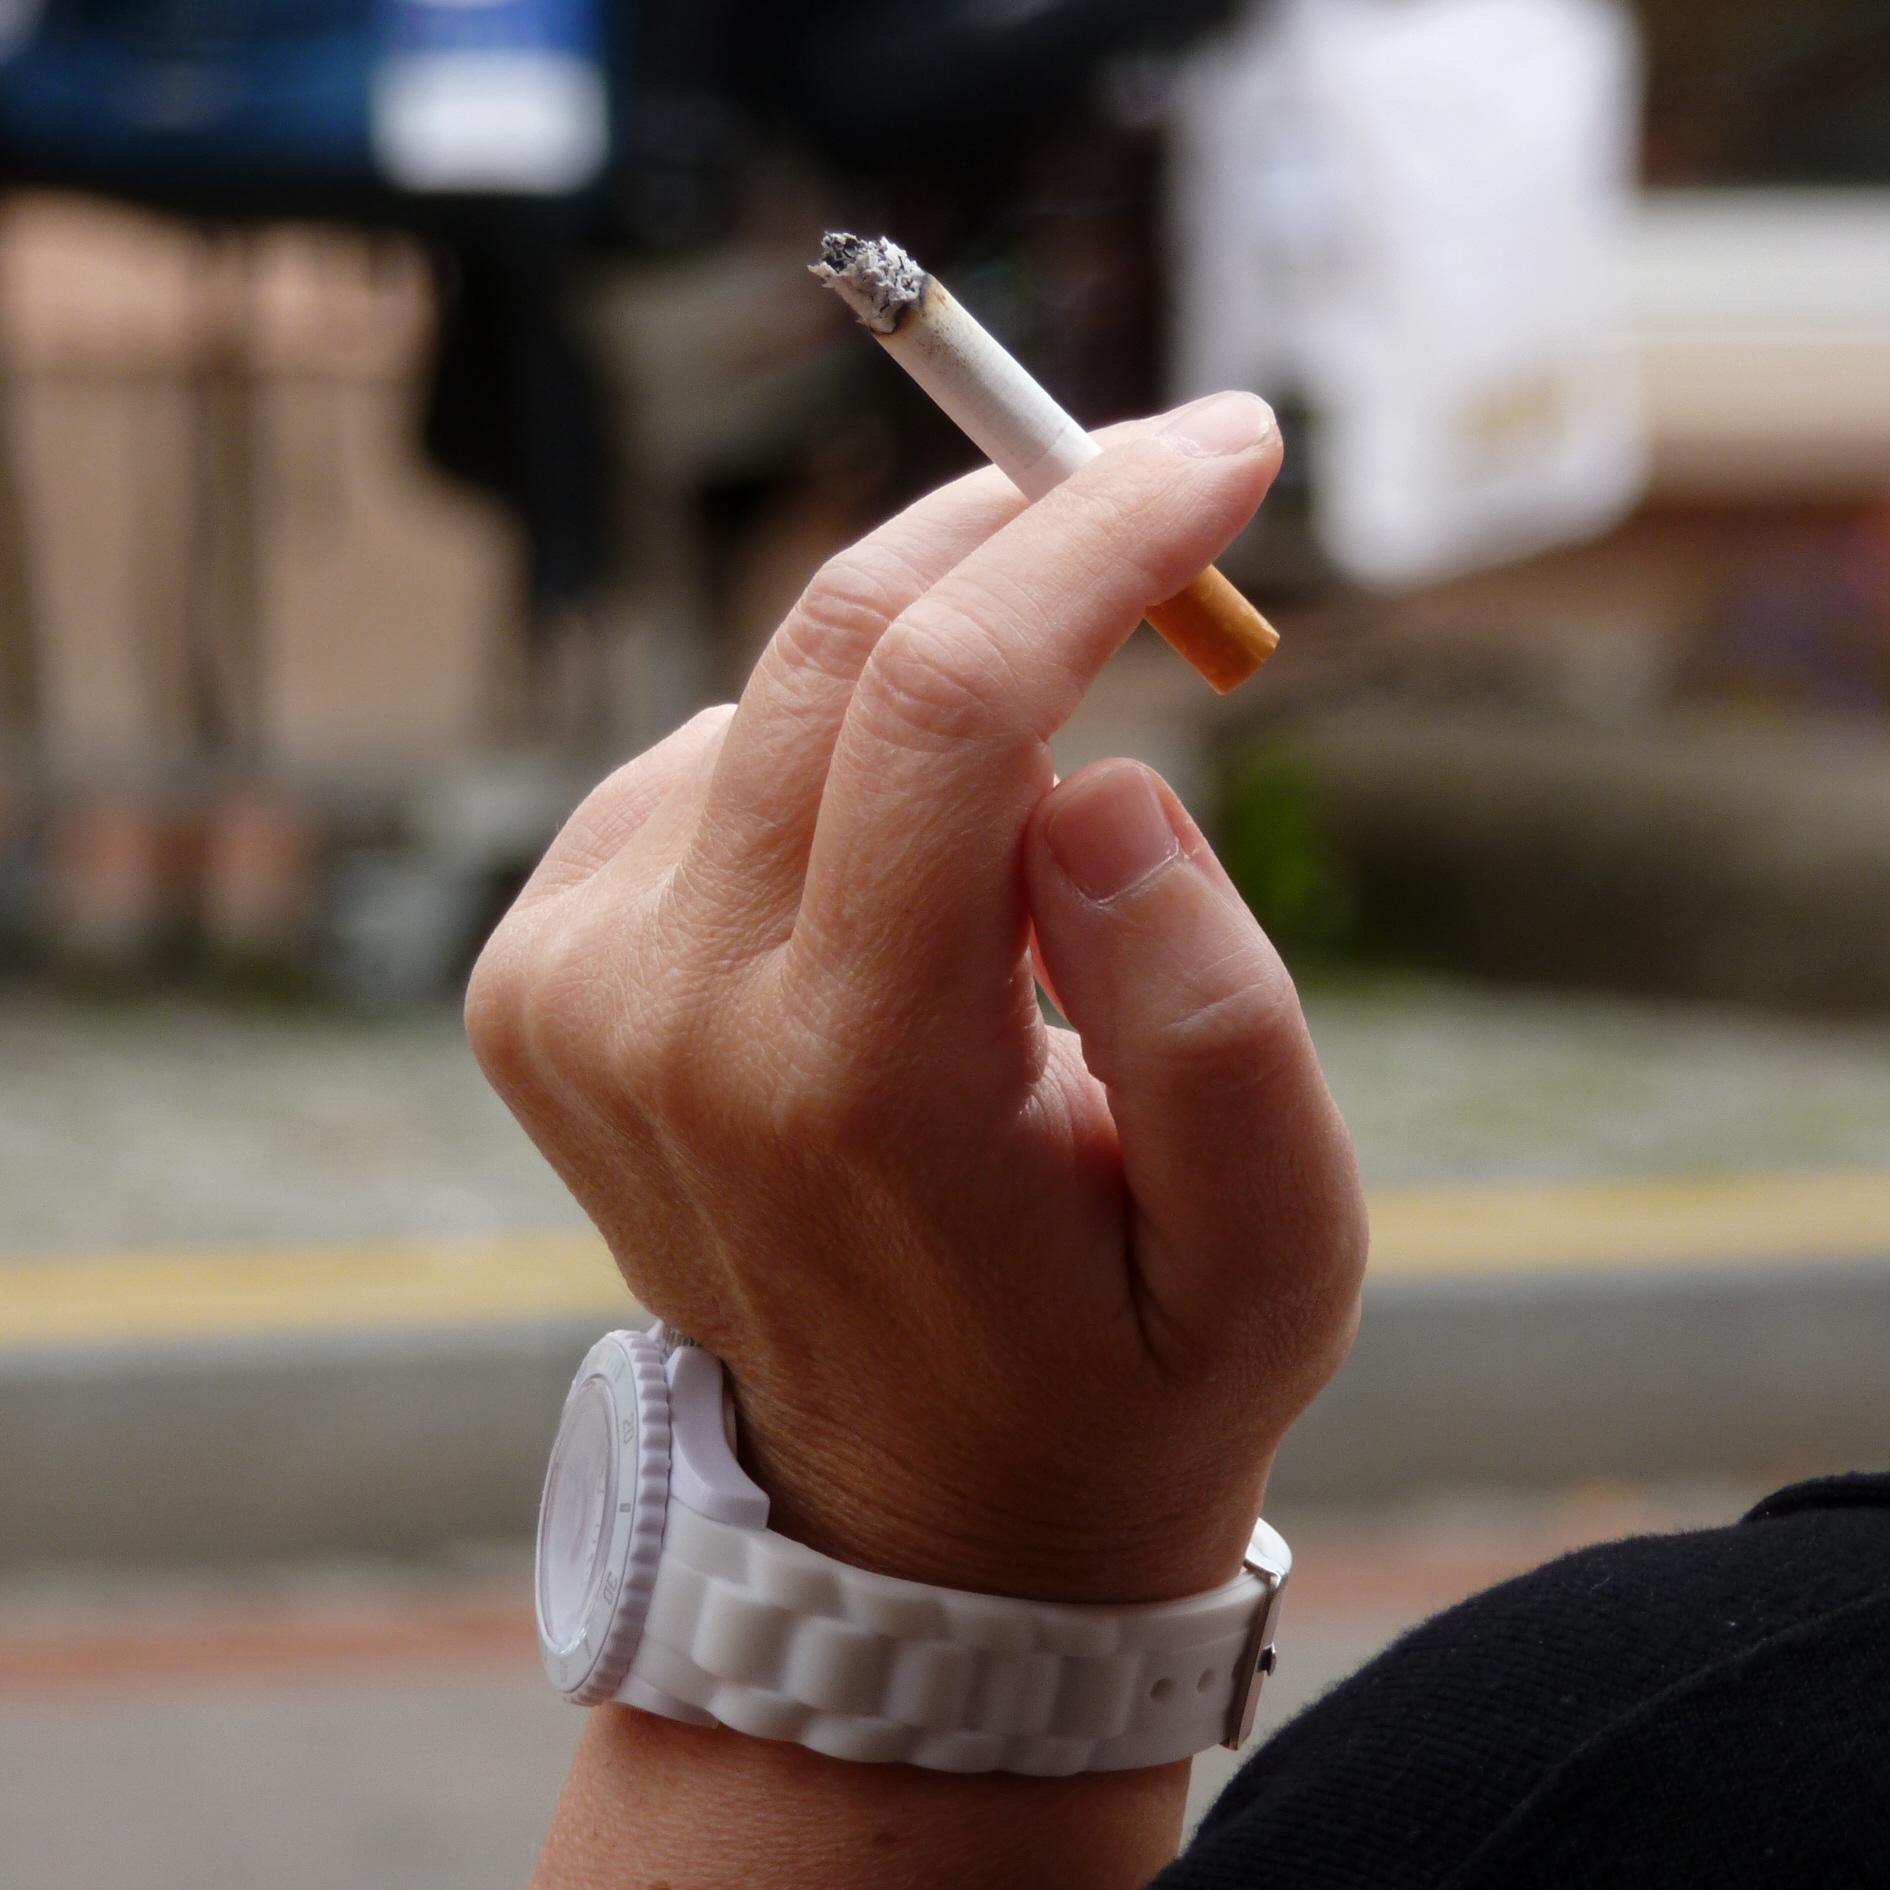 Woman_smoking_a_cigarette